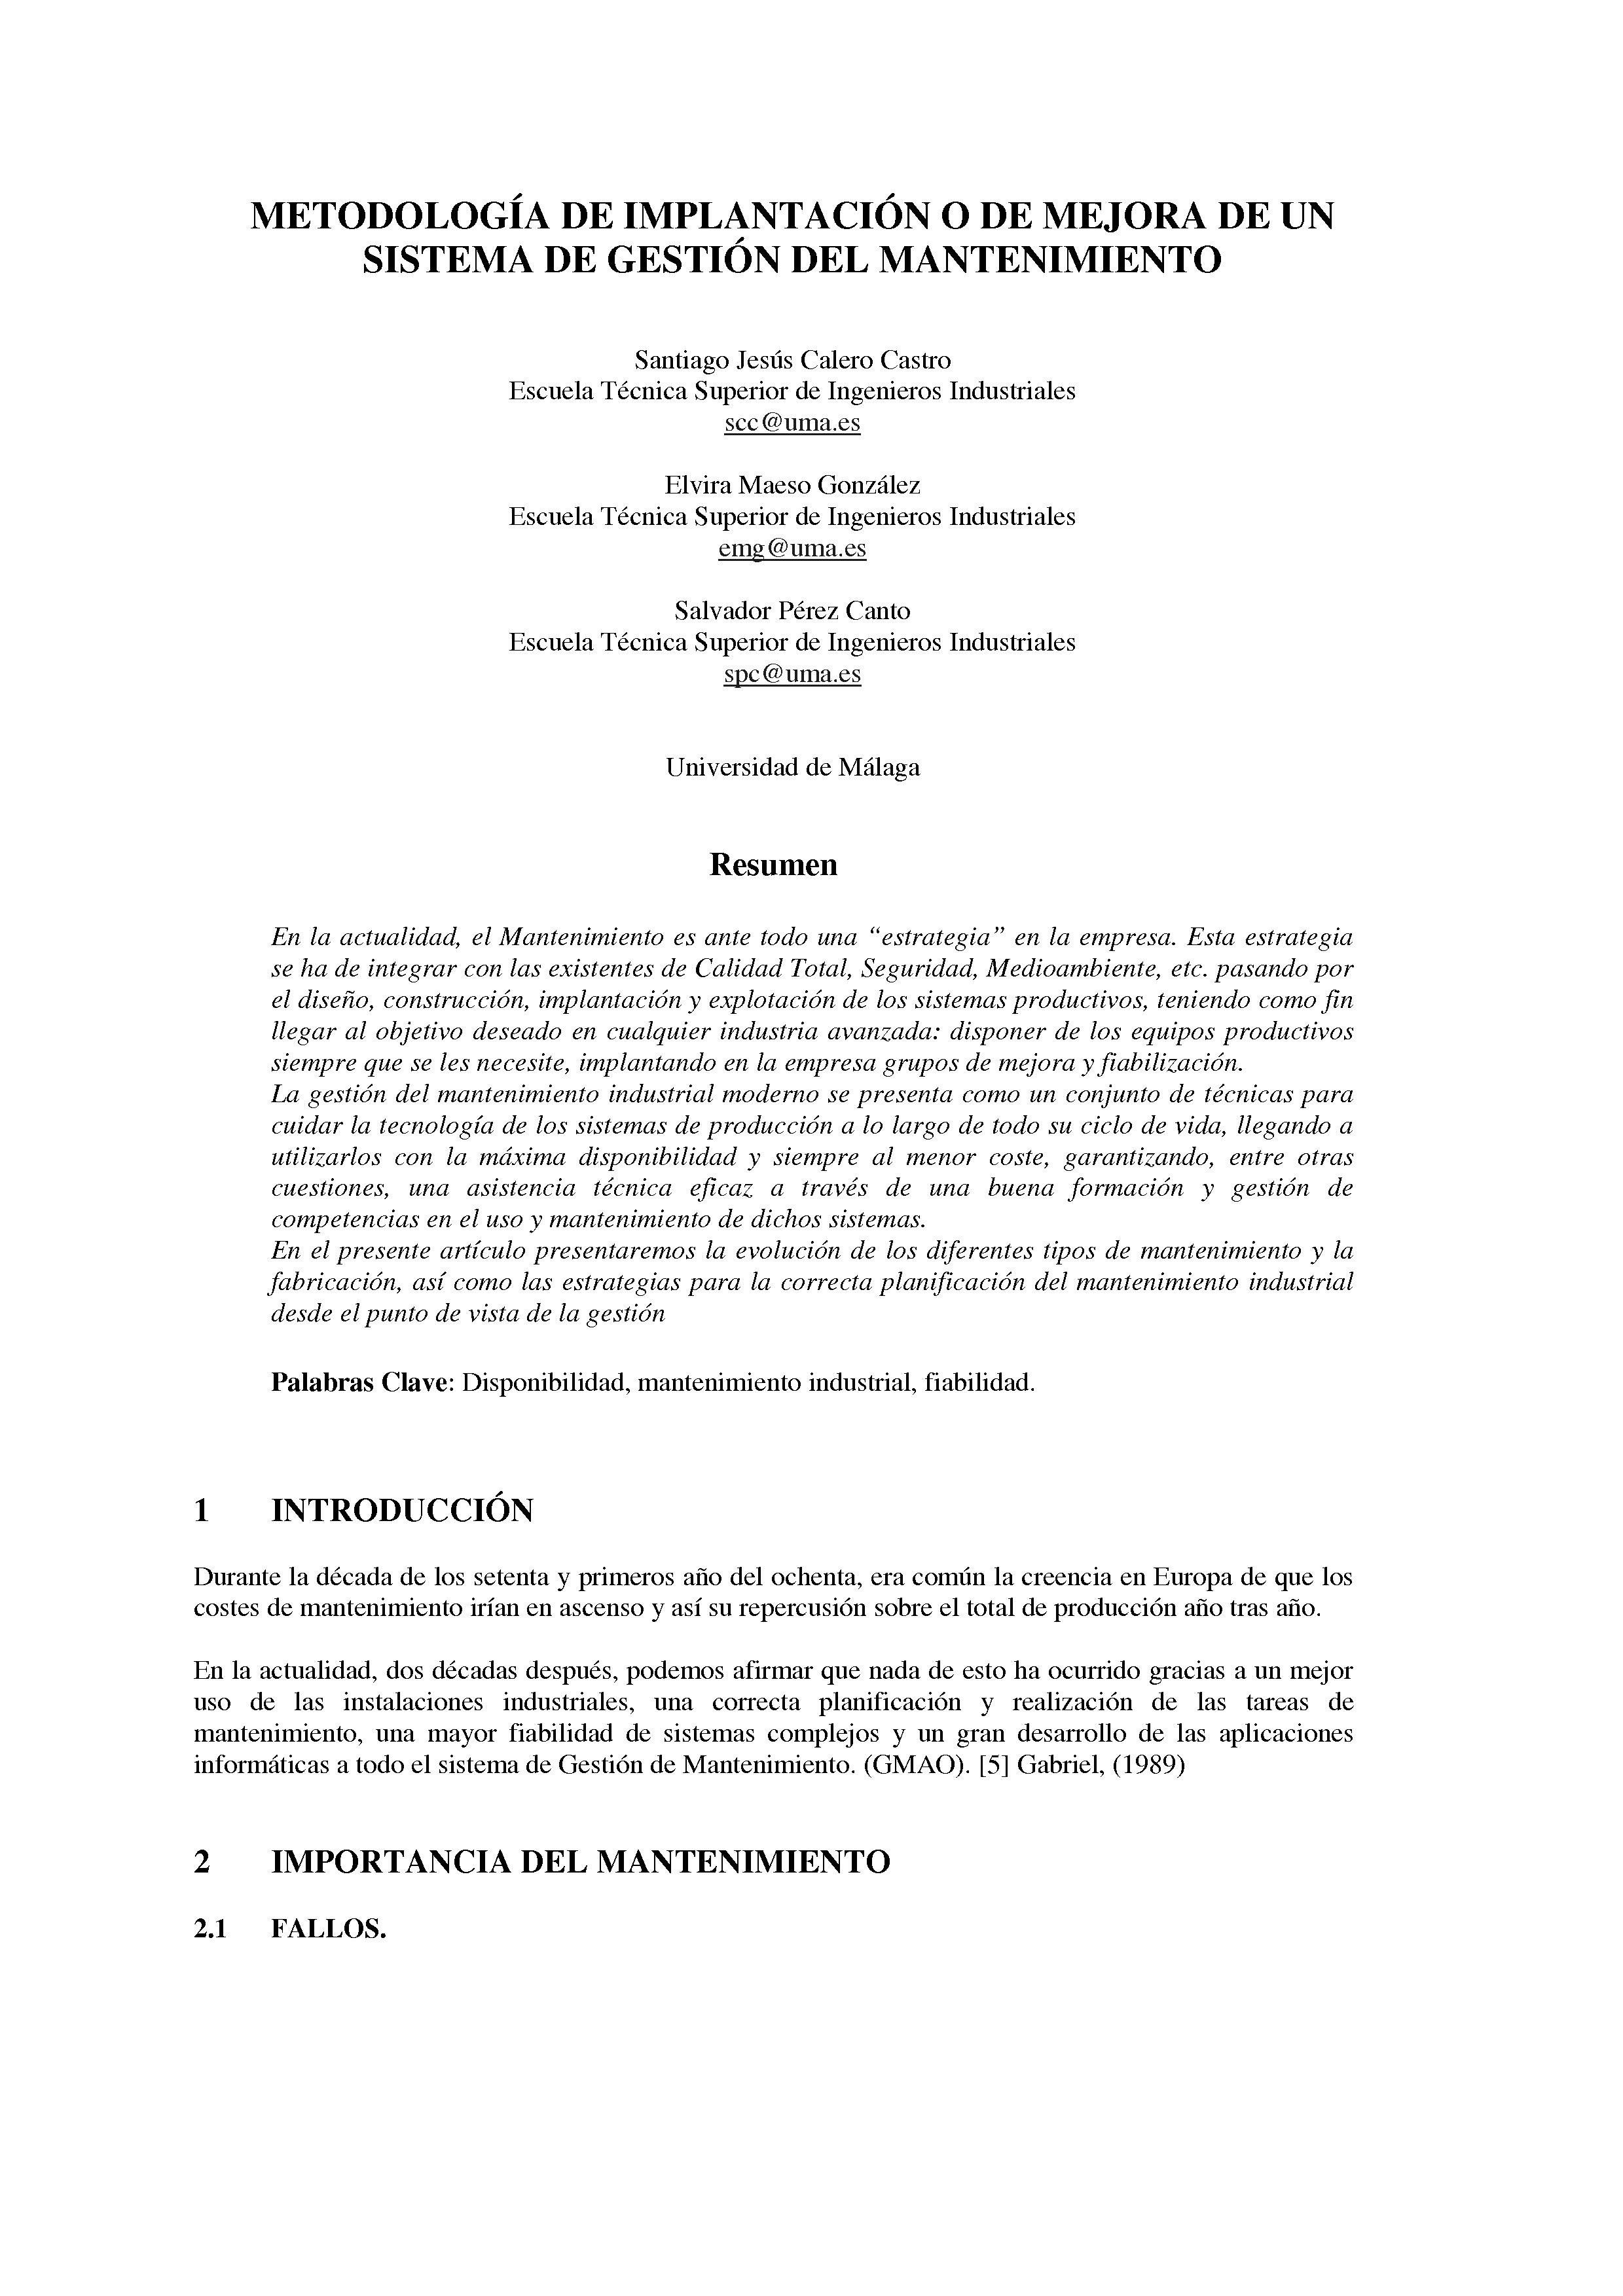 METODOLOGÍA DE IMPLANTACION O DE MEJORA DE UN SISTEMA DE GESTION DEL MANTENIMIENTO